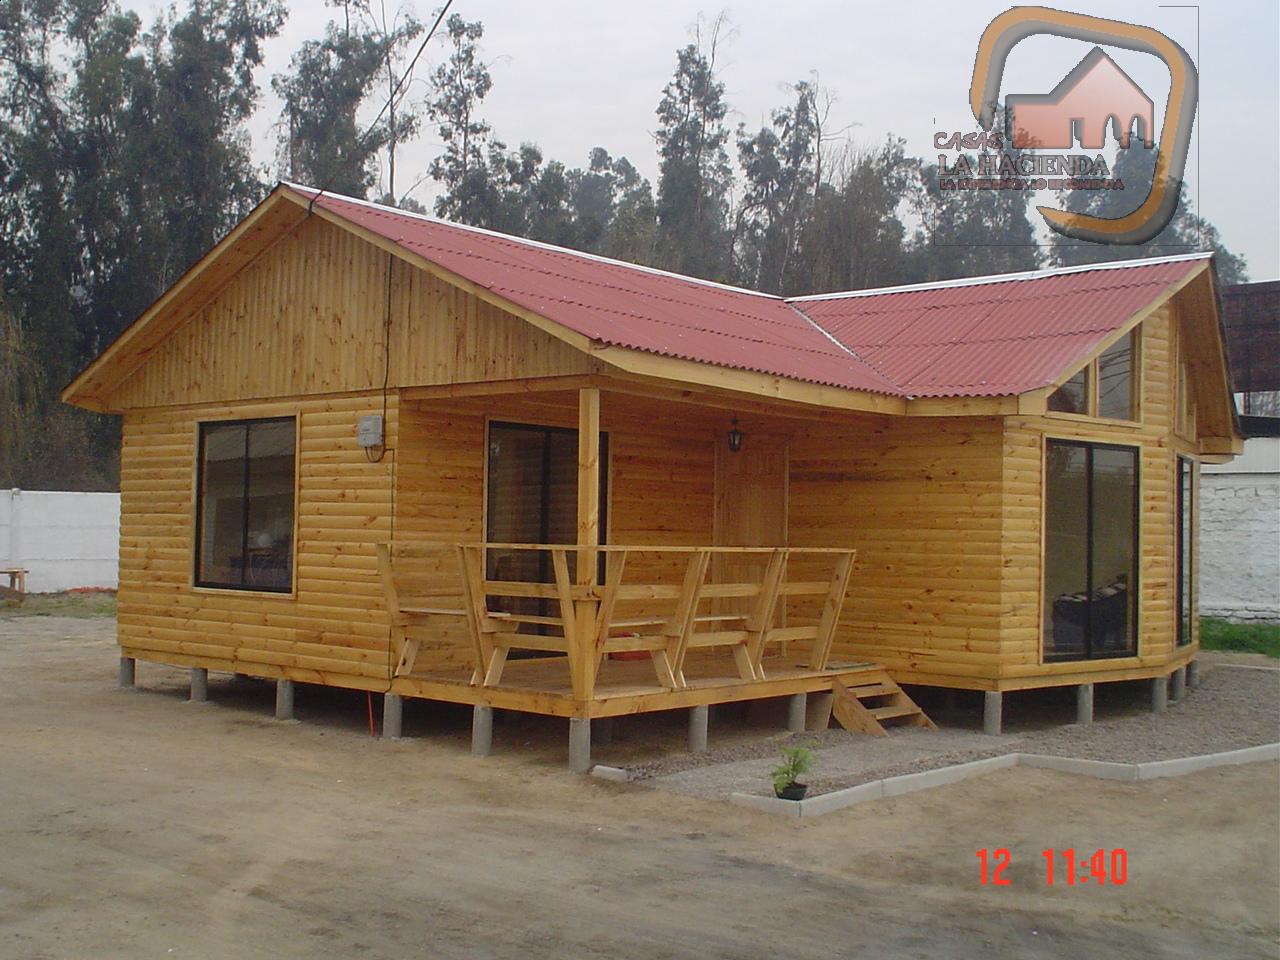 Casas prefabricada la hacienda - Casas prefabricada de madera ...